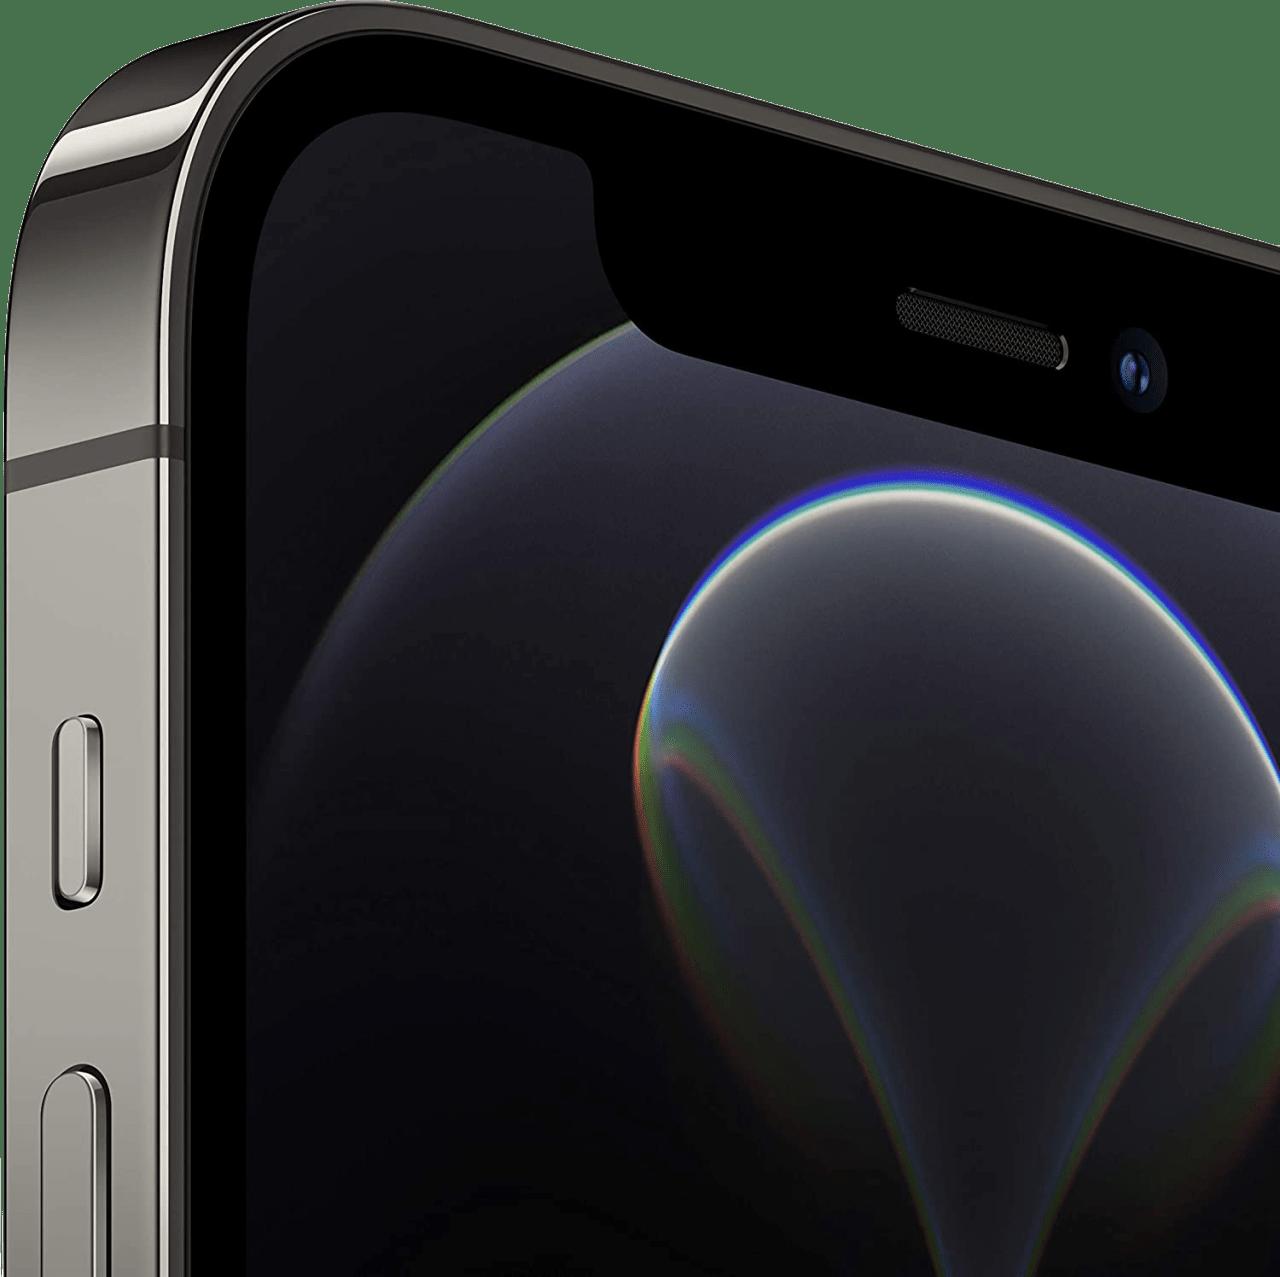 Graphite Apple iPhone 12 Pro - 128GB - Dual Sim.4